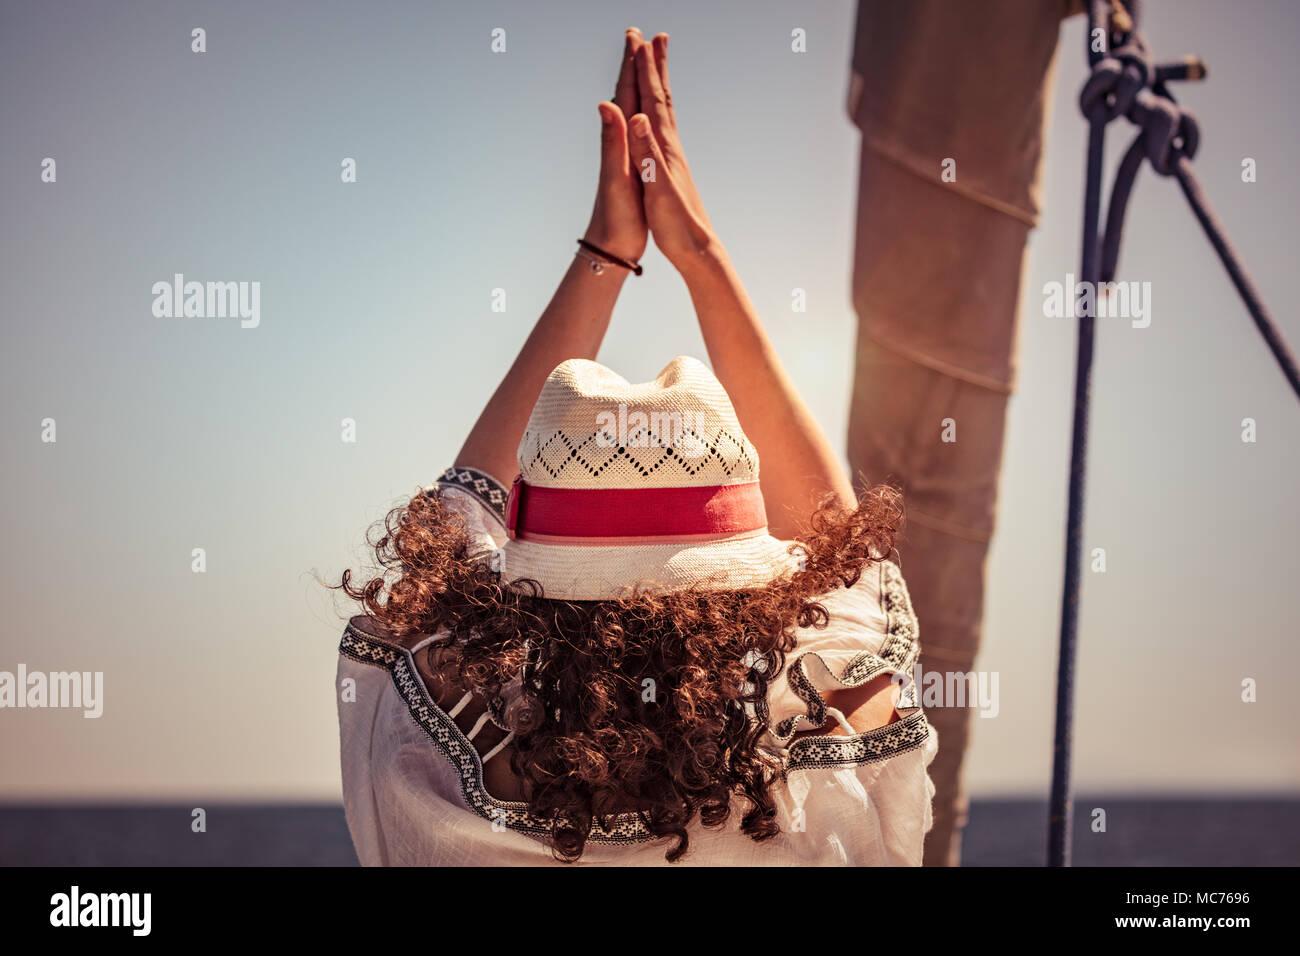 Donna facendo esercizi yoga, vista posteriore di una donna in piedi di Yoga asana sulla barca a vela tra mare, detersione di aura, meditando sulla vacanza Immagini Stock